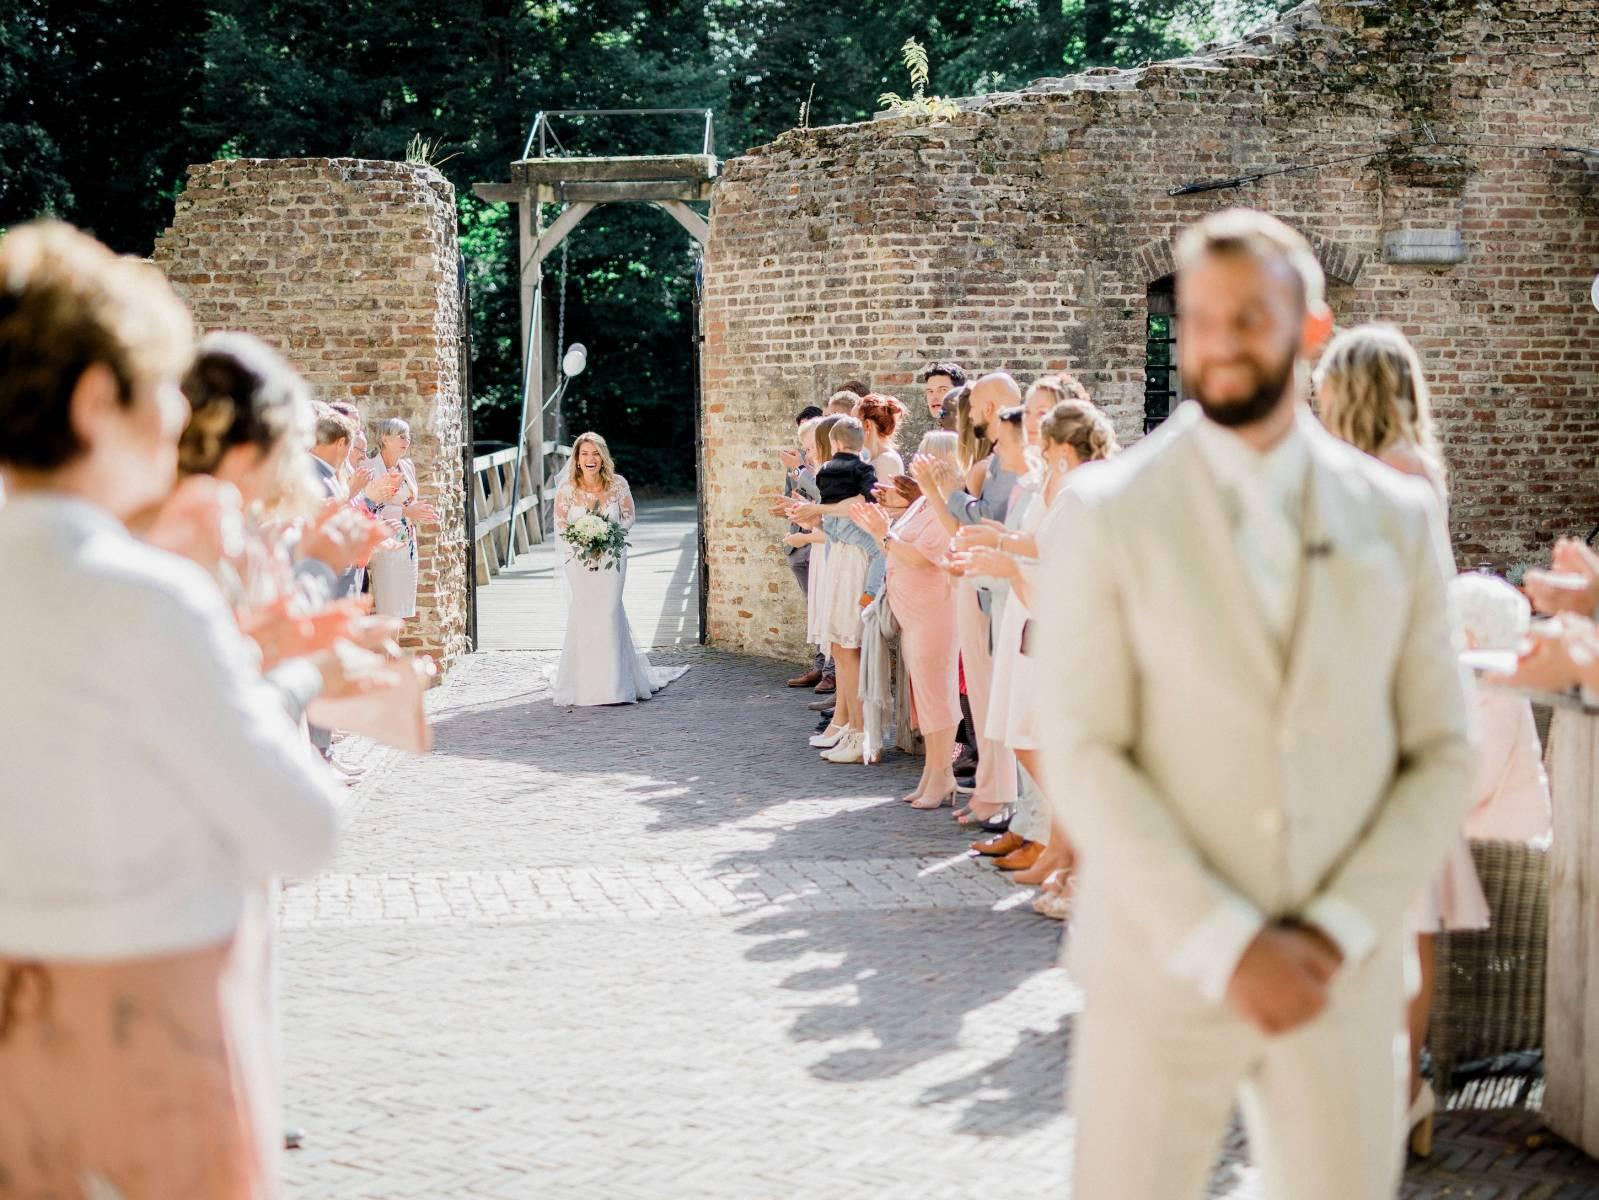 Elisabeth Van Lent - Huwelijksfotograaf - Fine Art - House of Weddings - 14